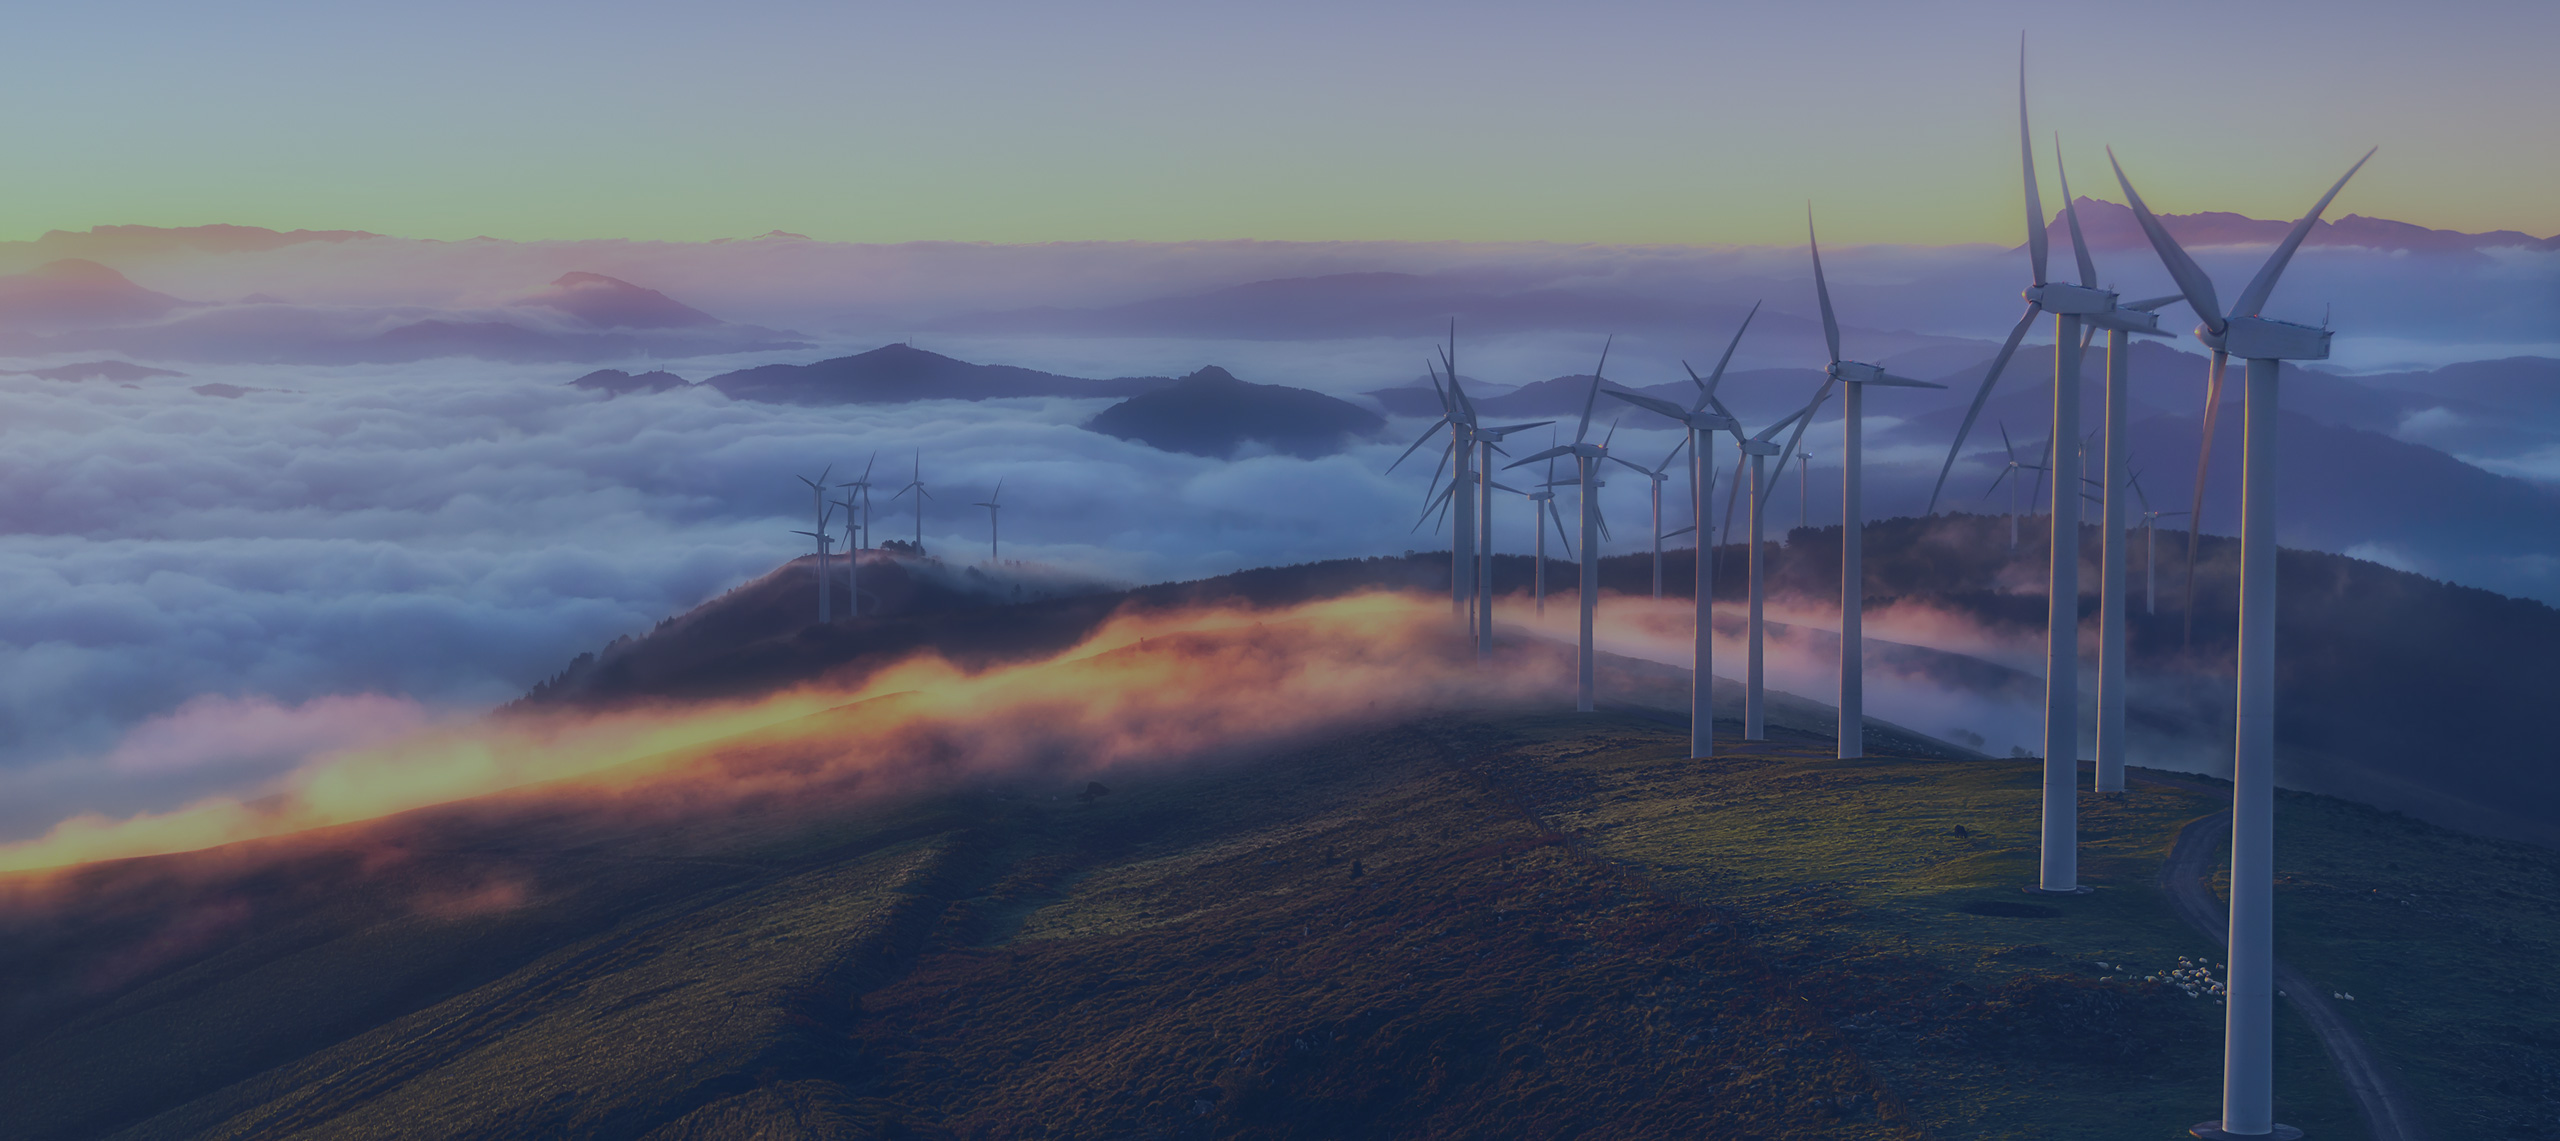 World Future Energy Summit (WFES) 2015